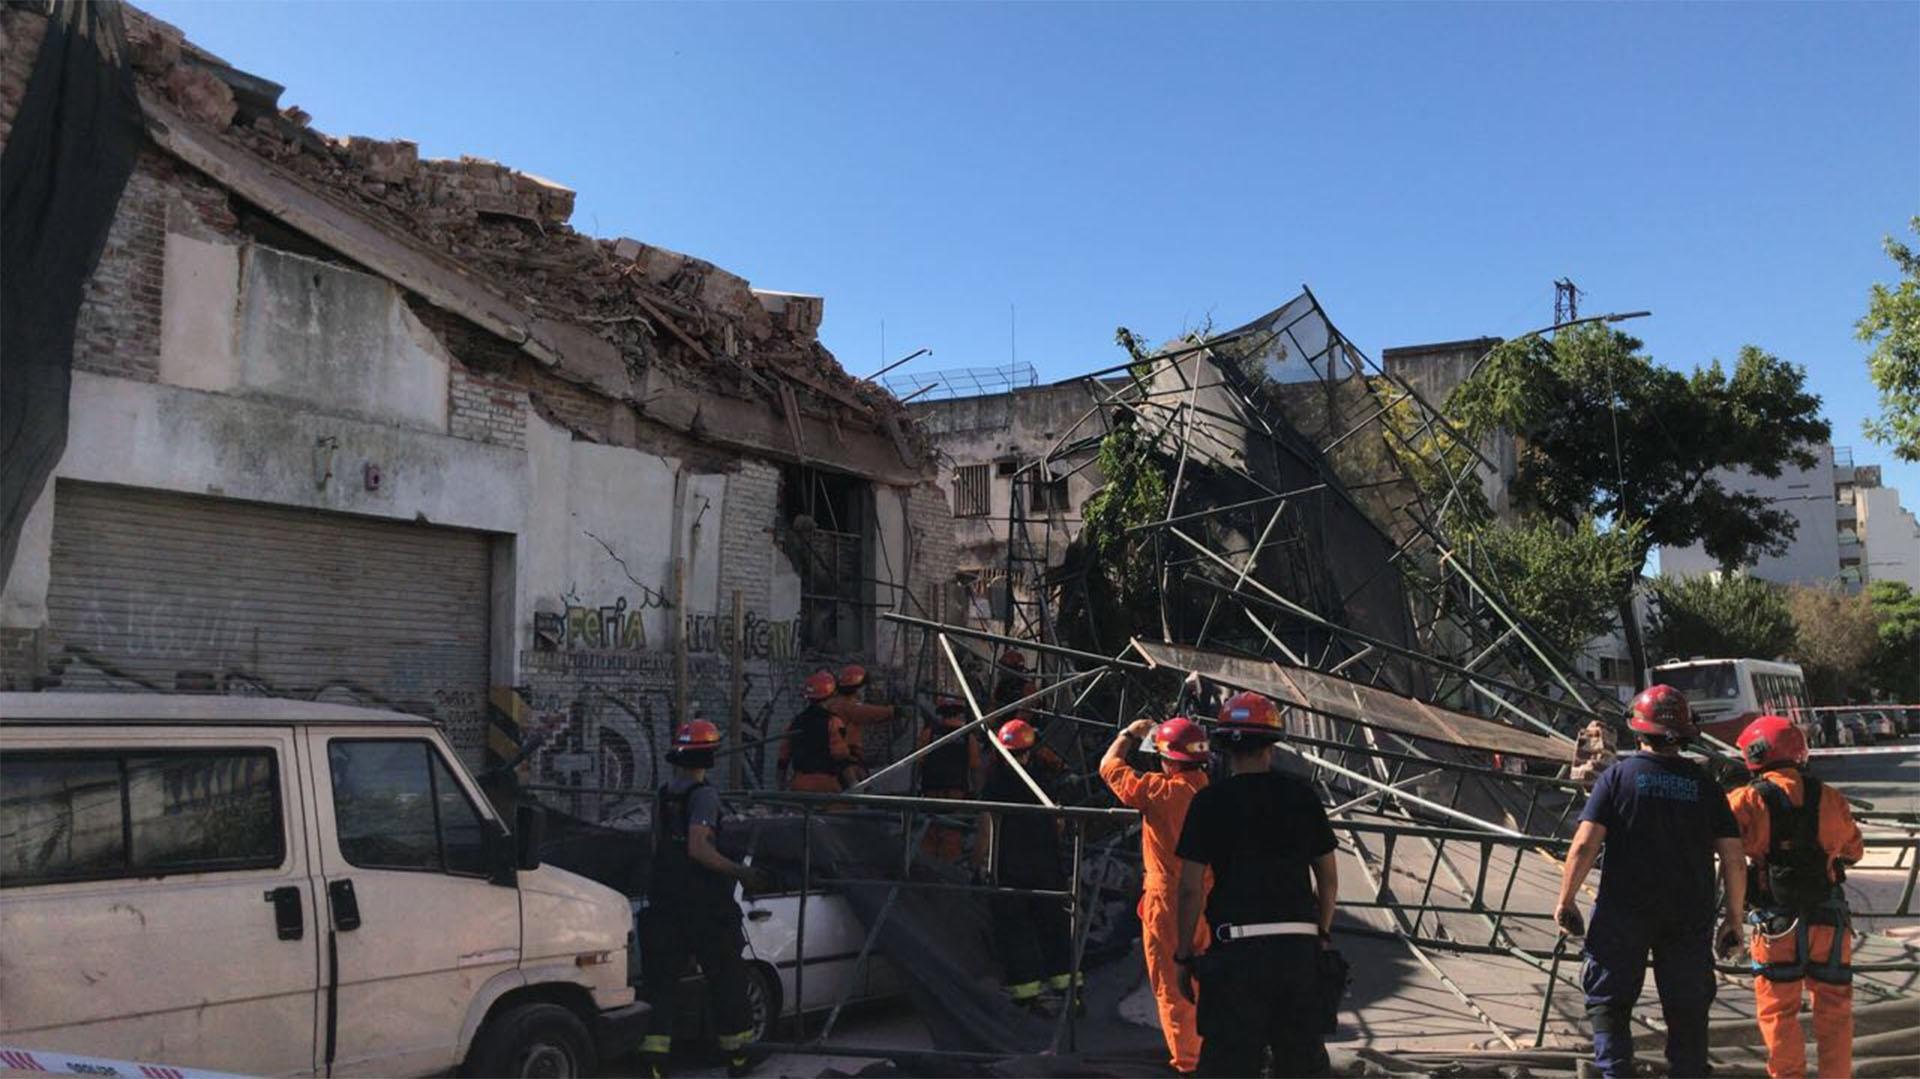 El derrumbe del andamio provocó la destrucción de dos autos